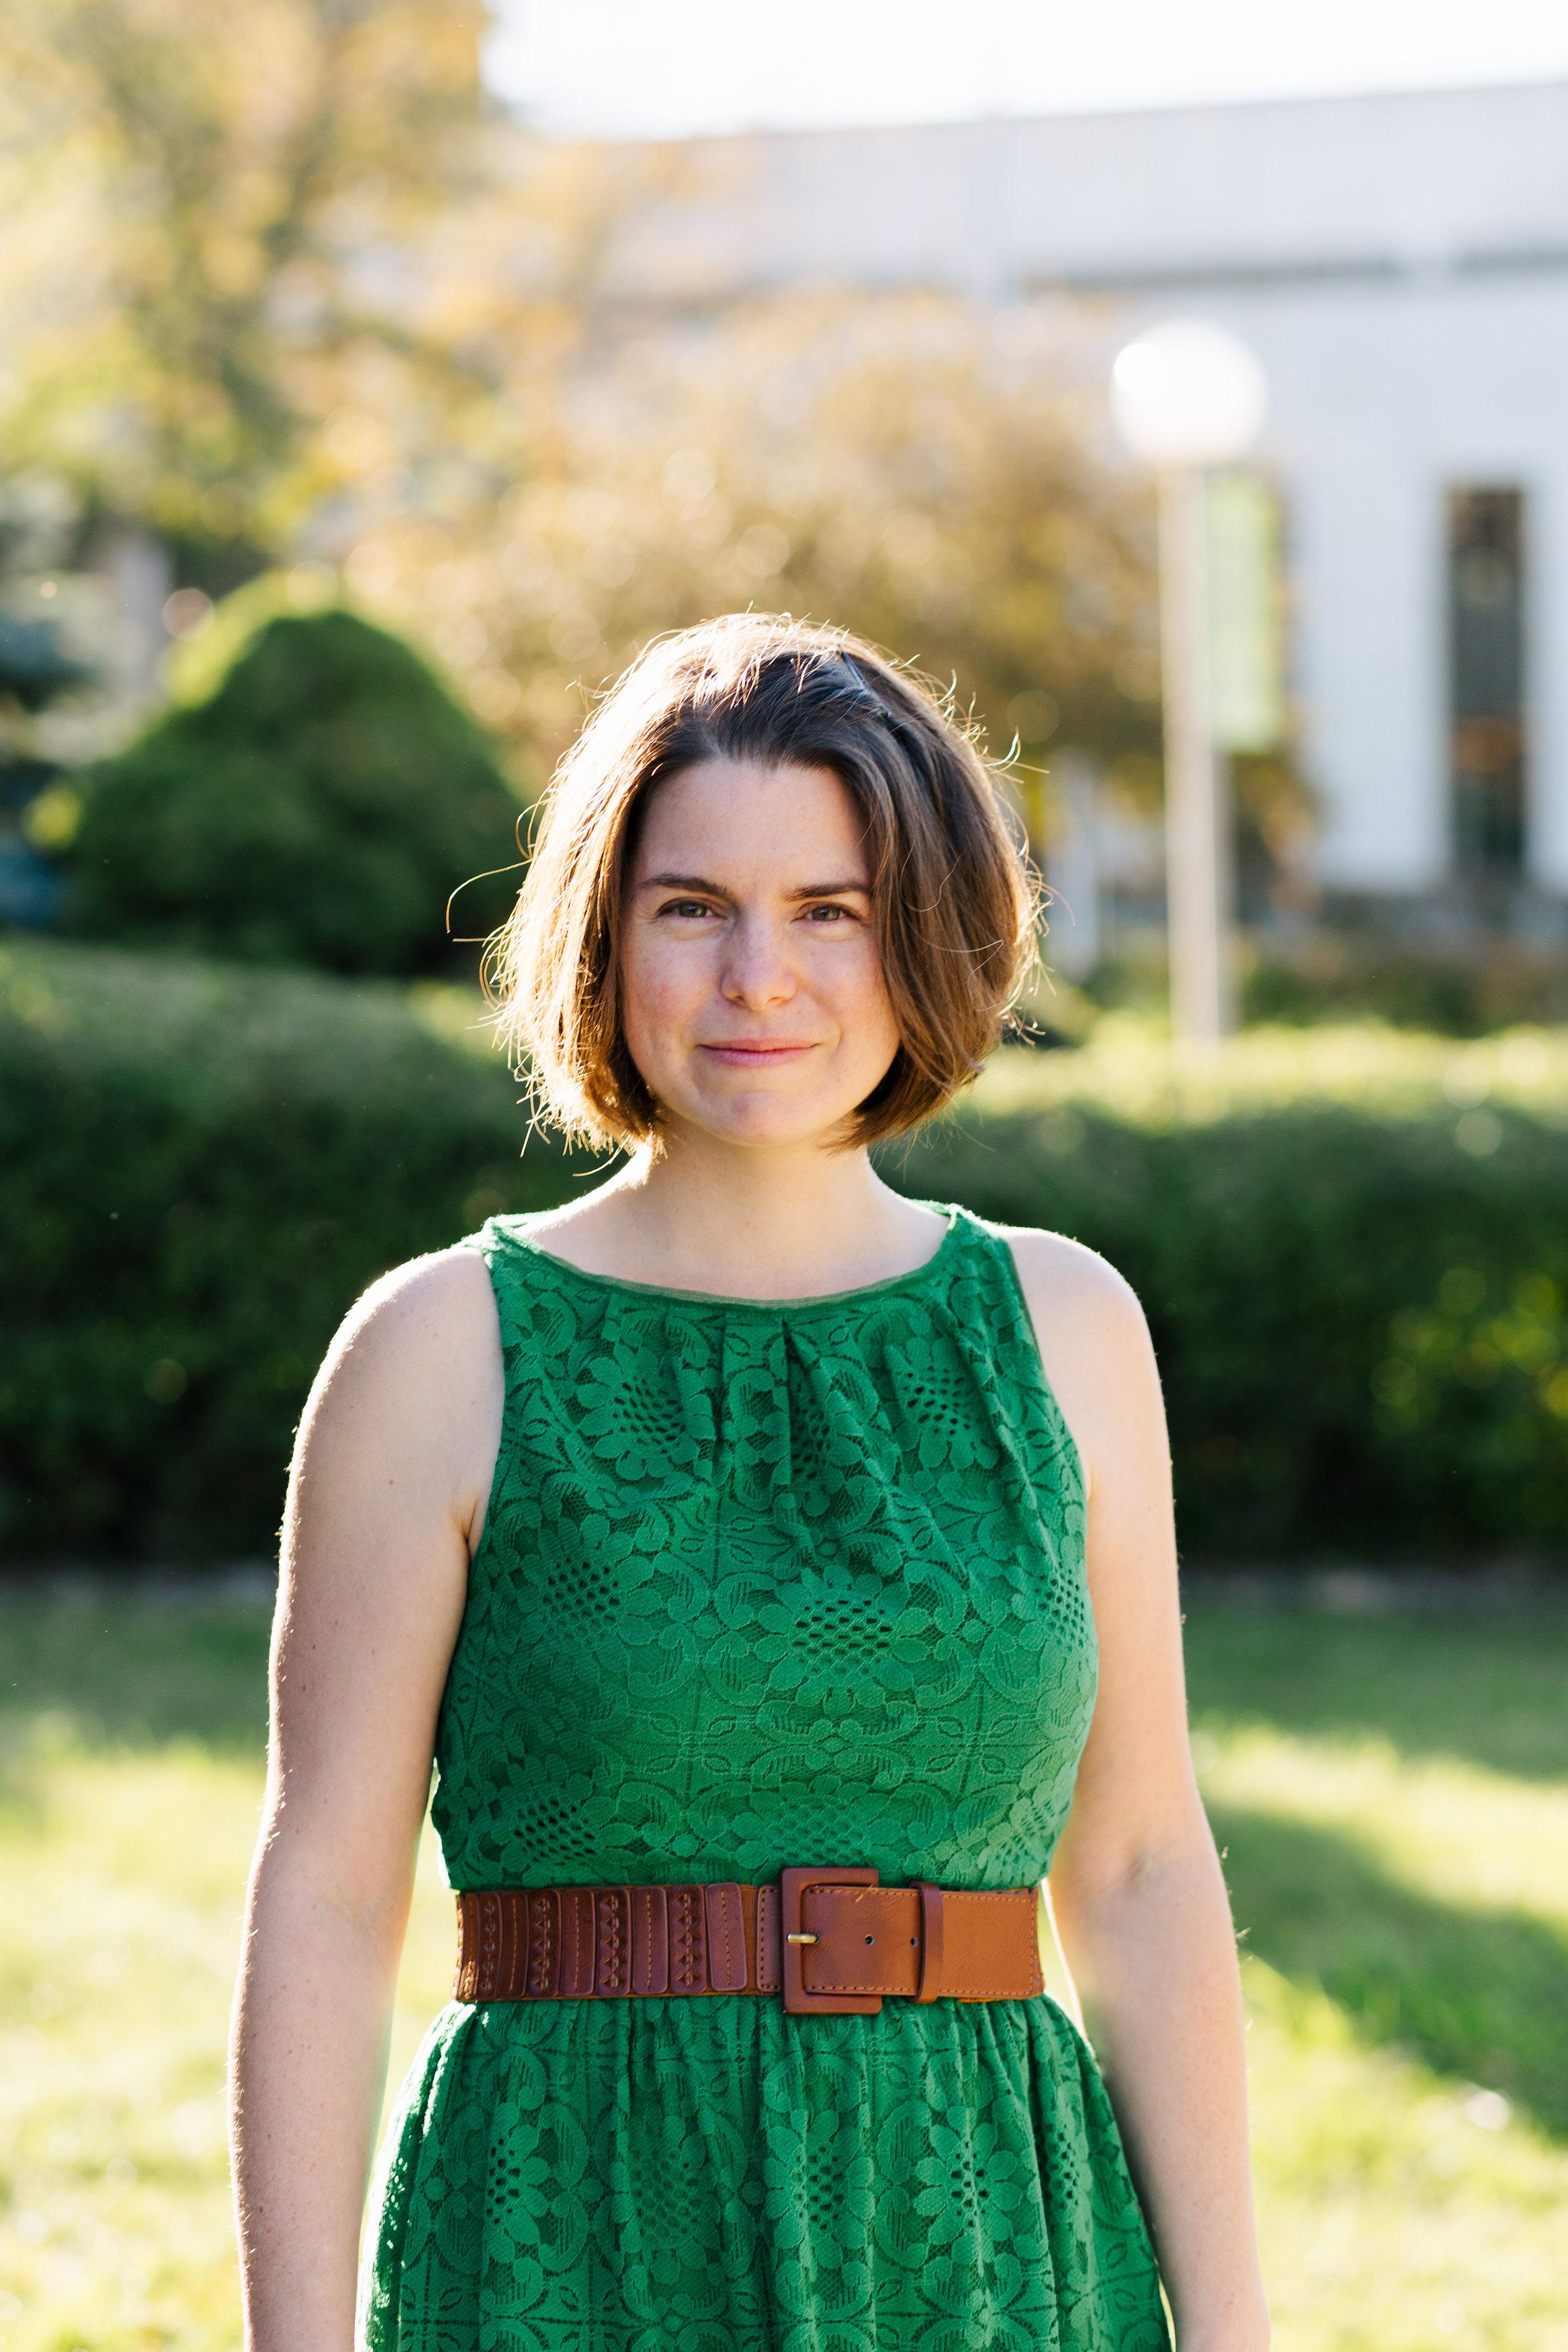 Author Anna Clark